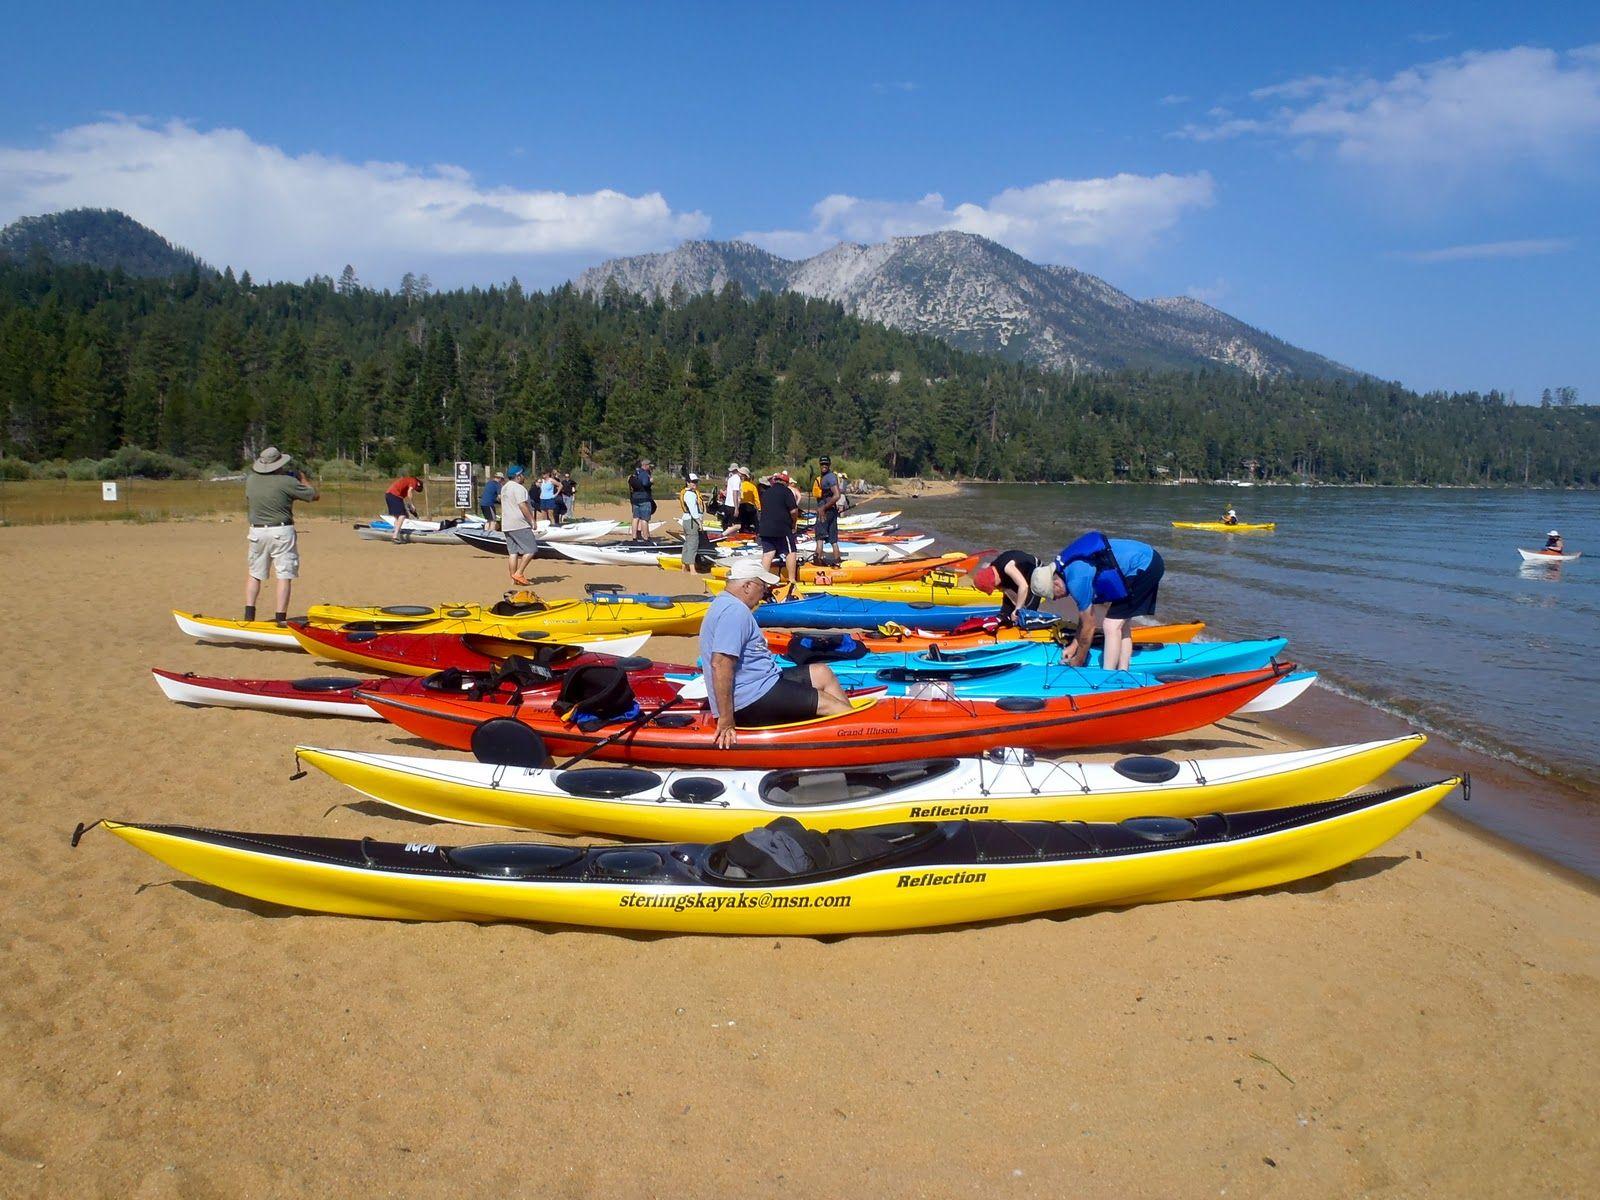 Kayaking at lake tahoe in the summer lake tahoe california